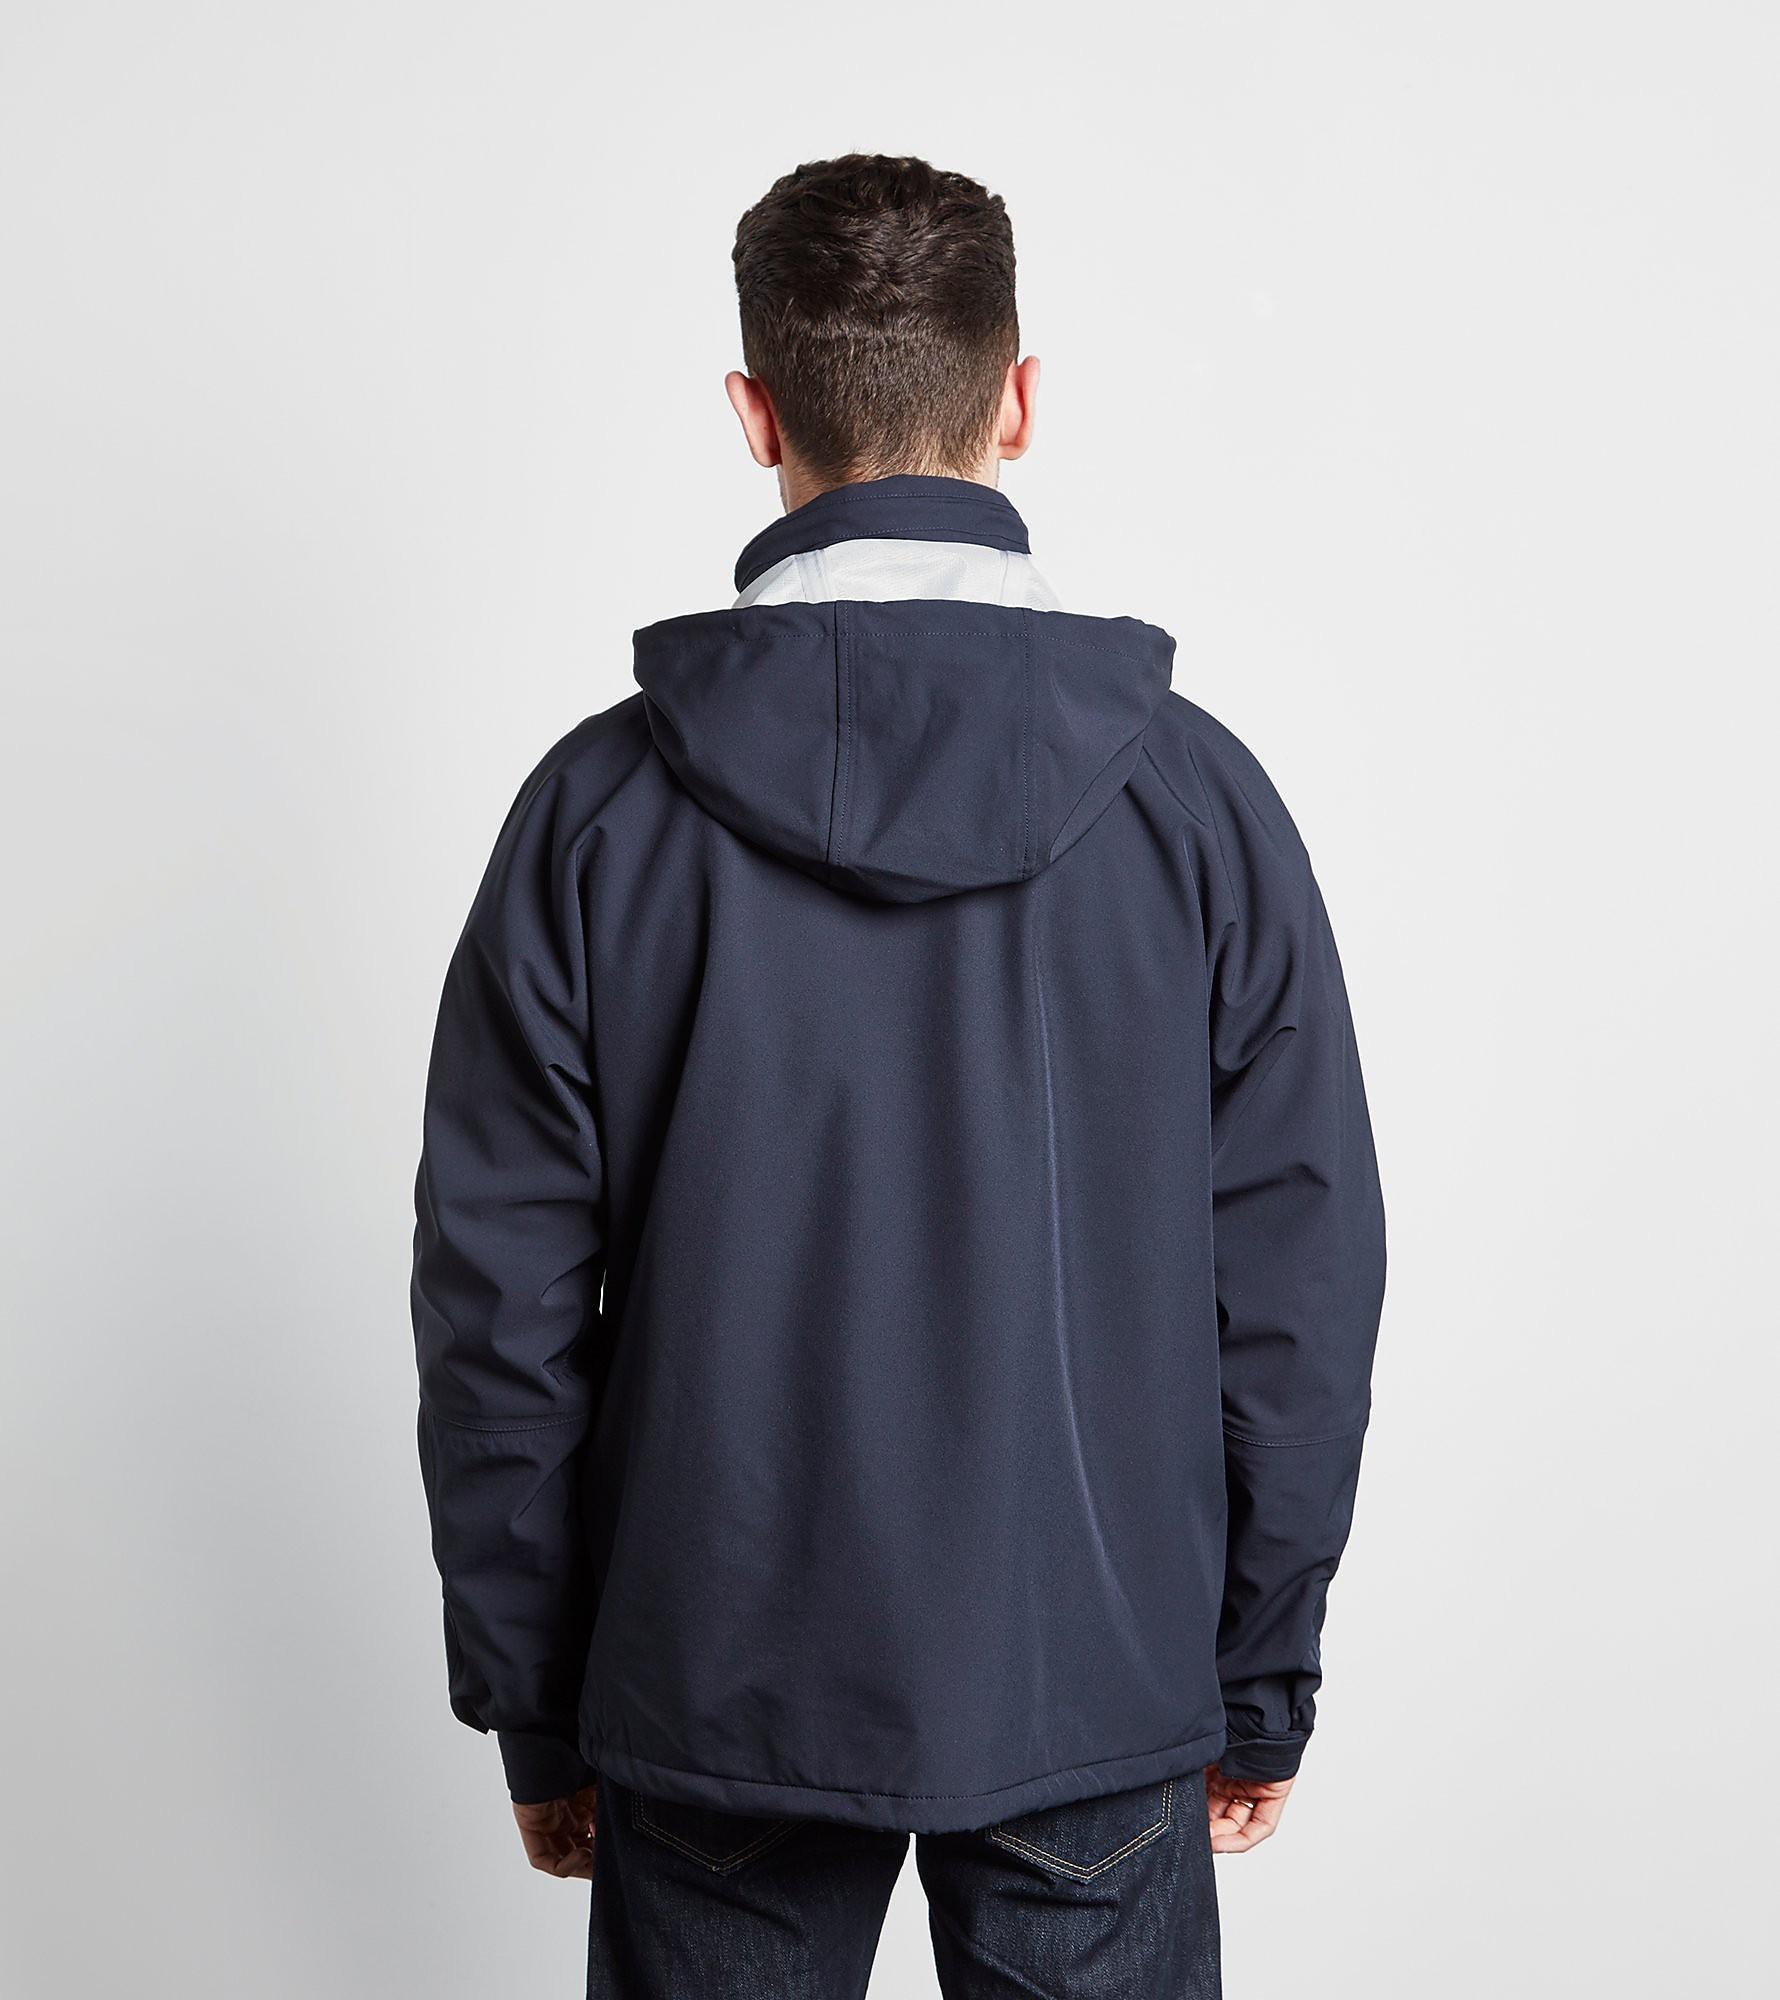 Fila Alps Jacket